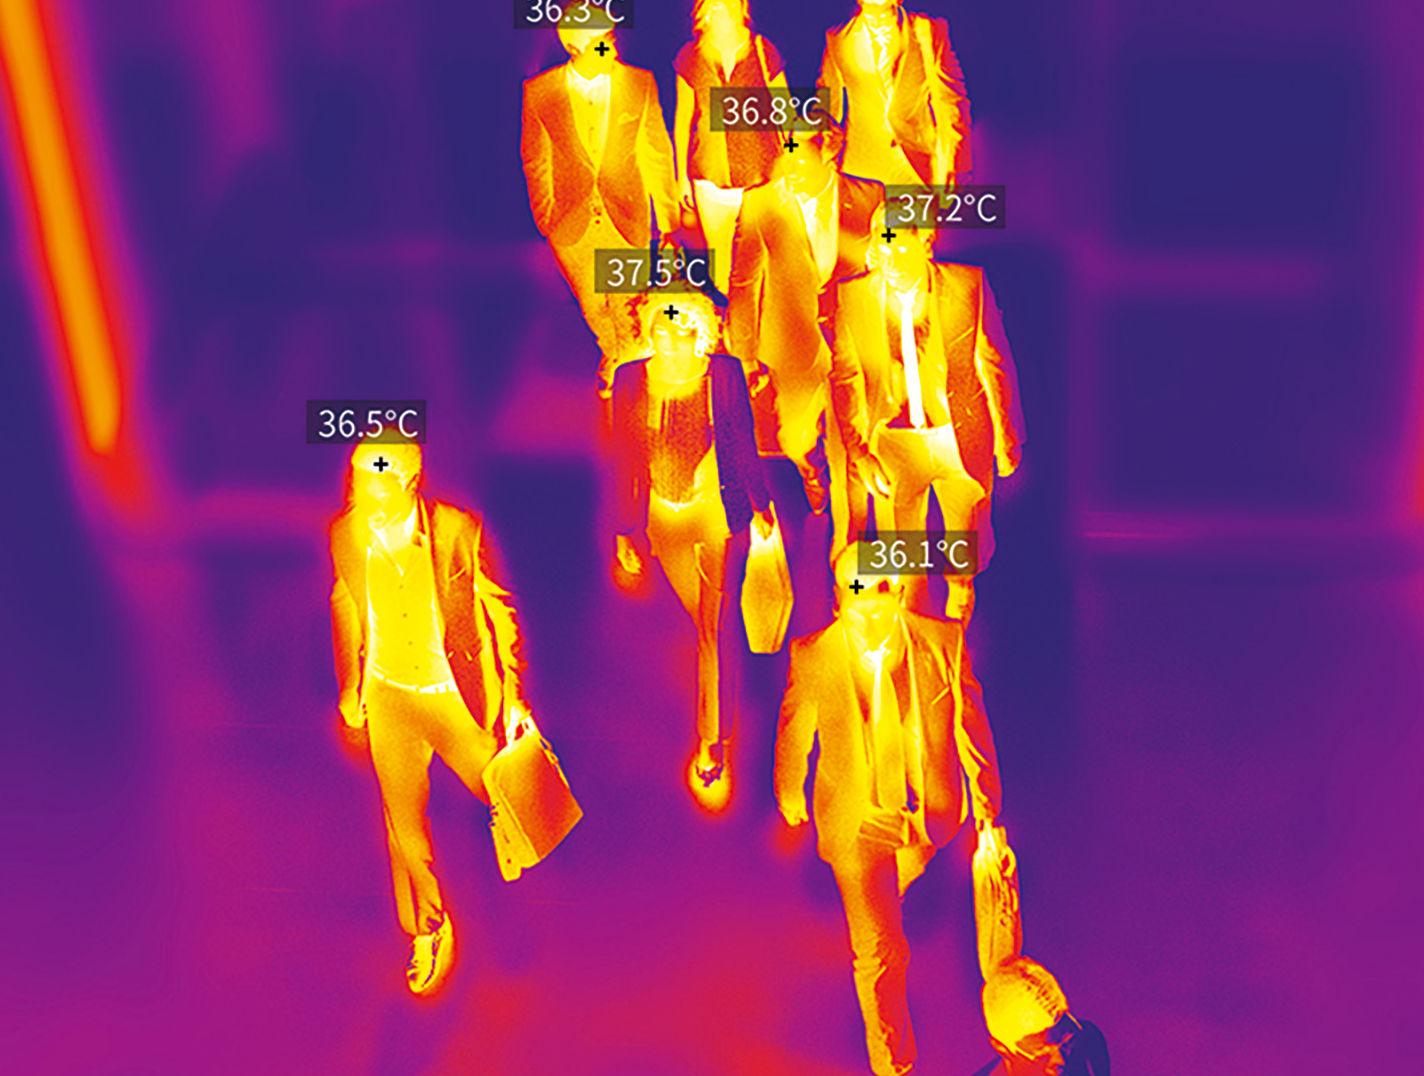 Программно-аппаратный комплекс автоматической диагностики температуры тела и персонификации «Барьер 2.0»